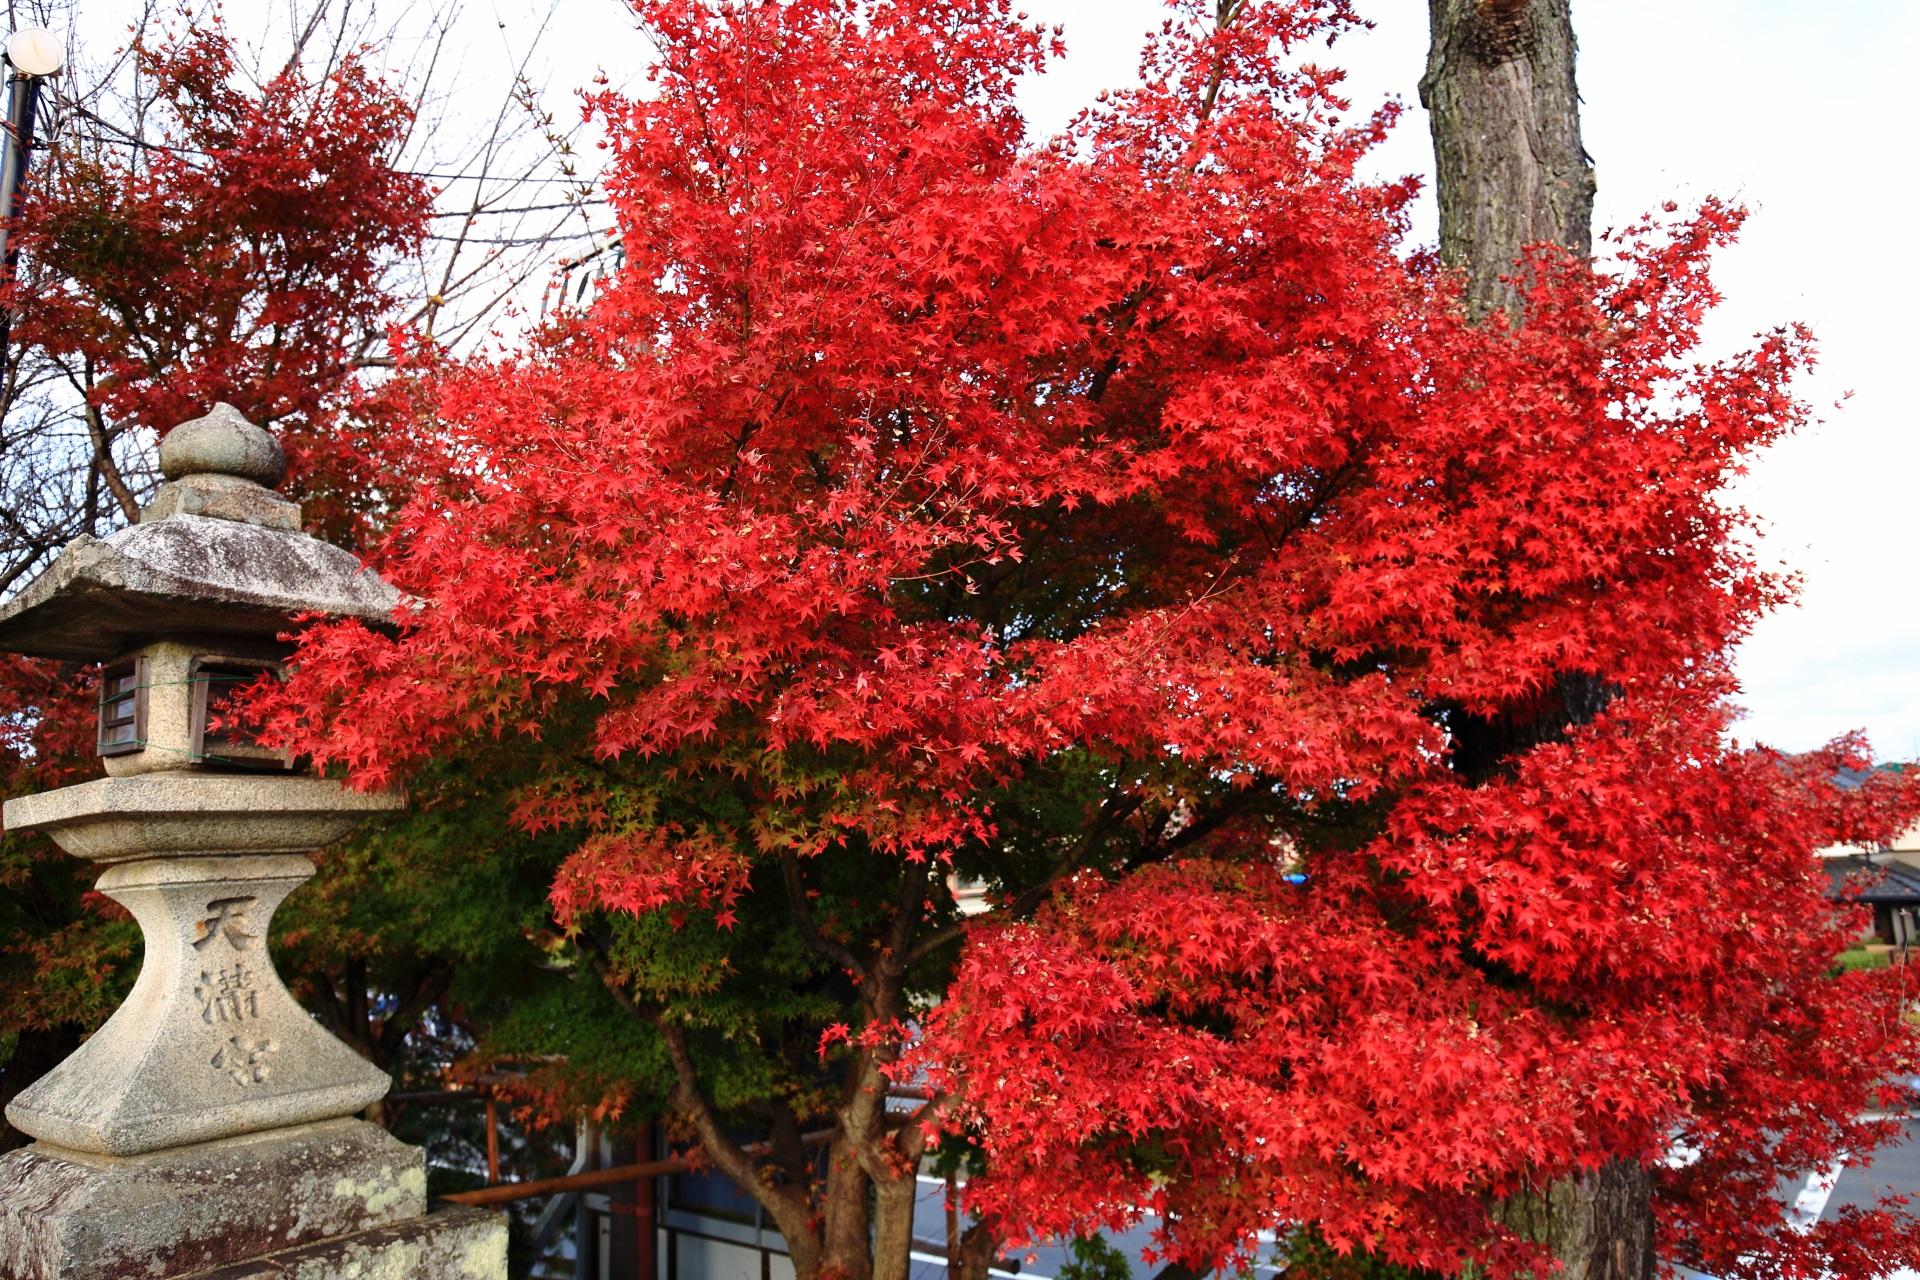 長岡天満宮の大鳥居付近の鮮やかな紅葉